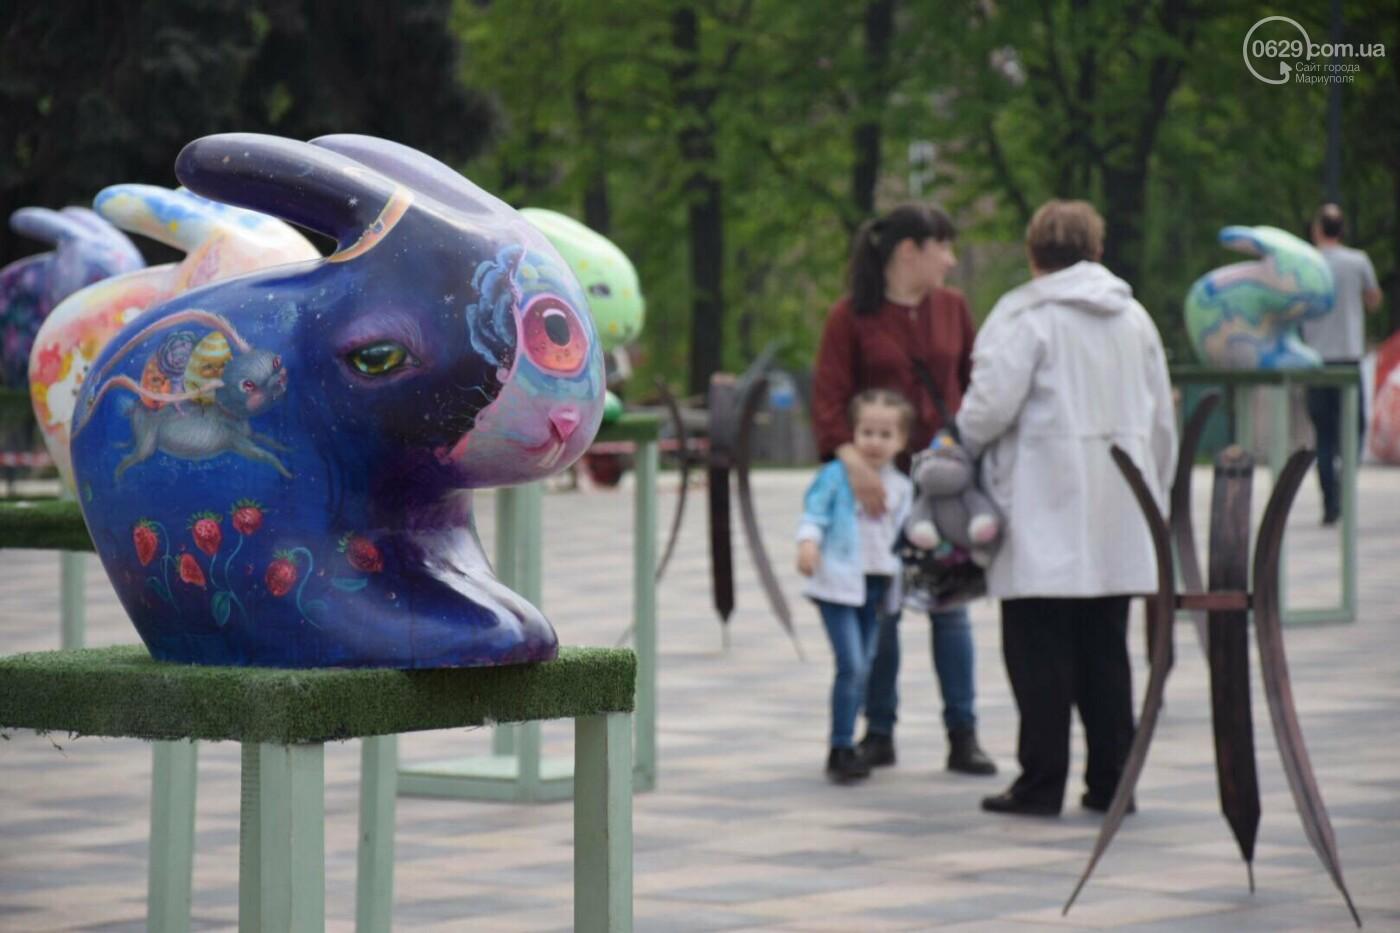 В Мариуполе на Театральной площади появились огромные кролики и полутораметровые писанки, - ФОТОРЕПОРТАЖ, фото-5